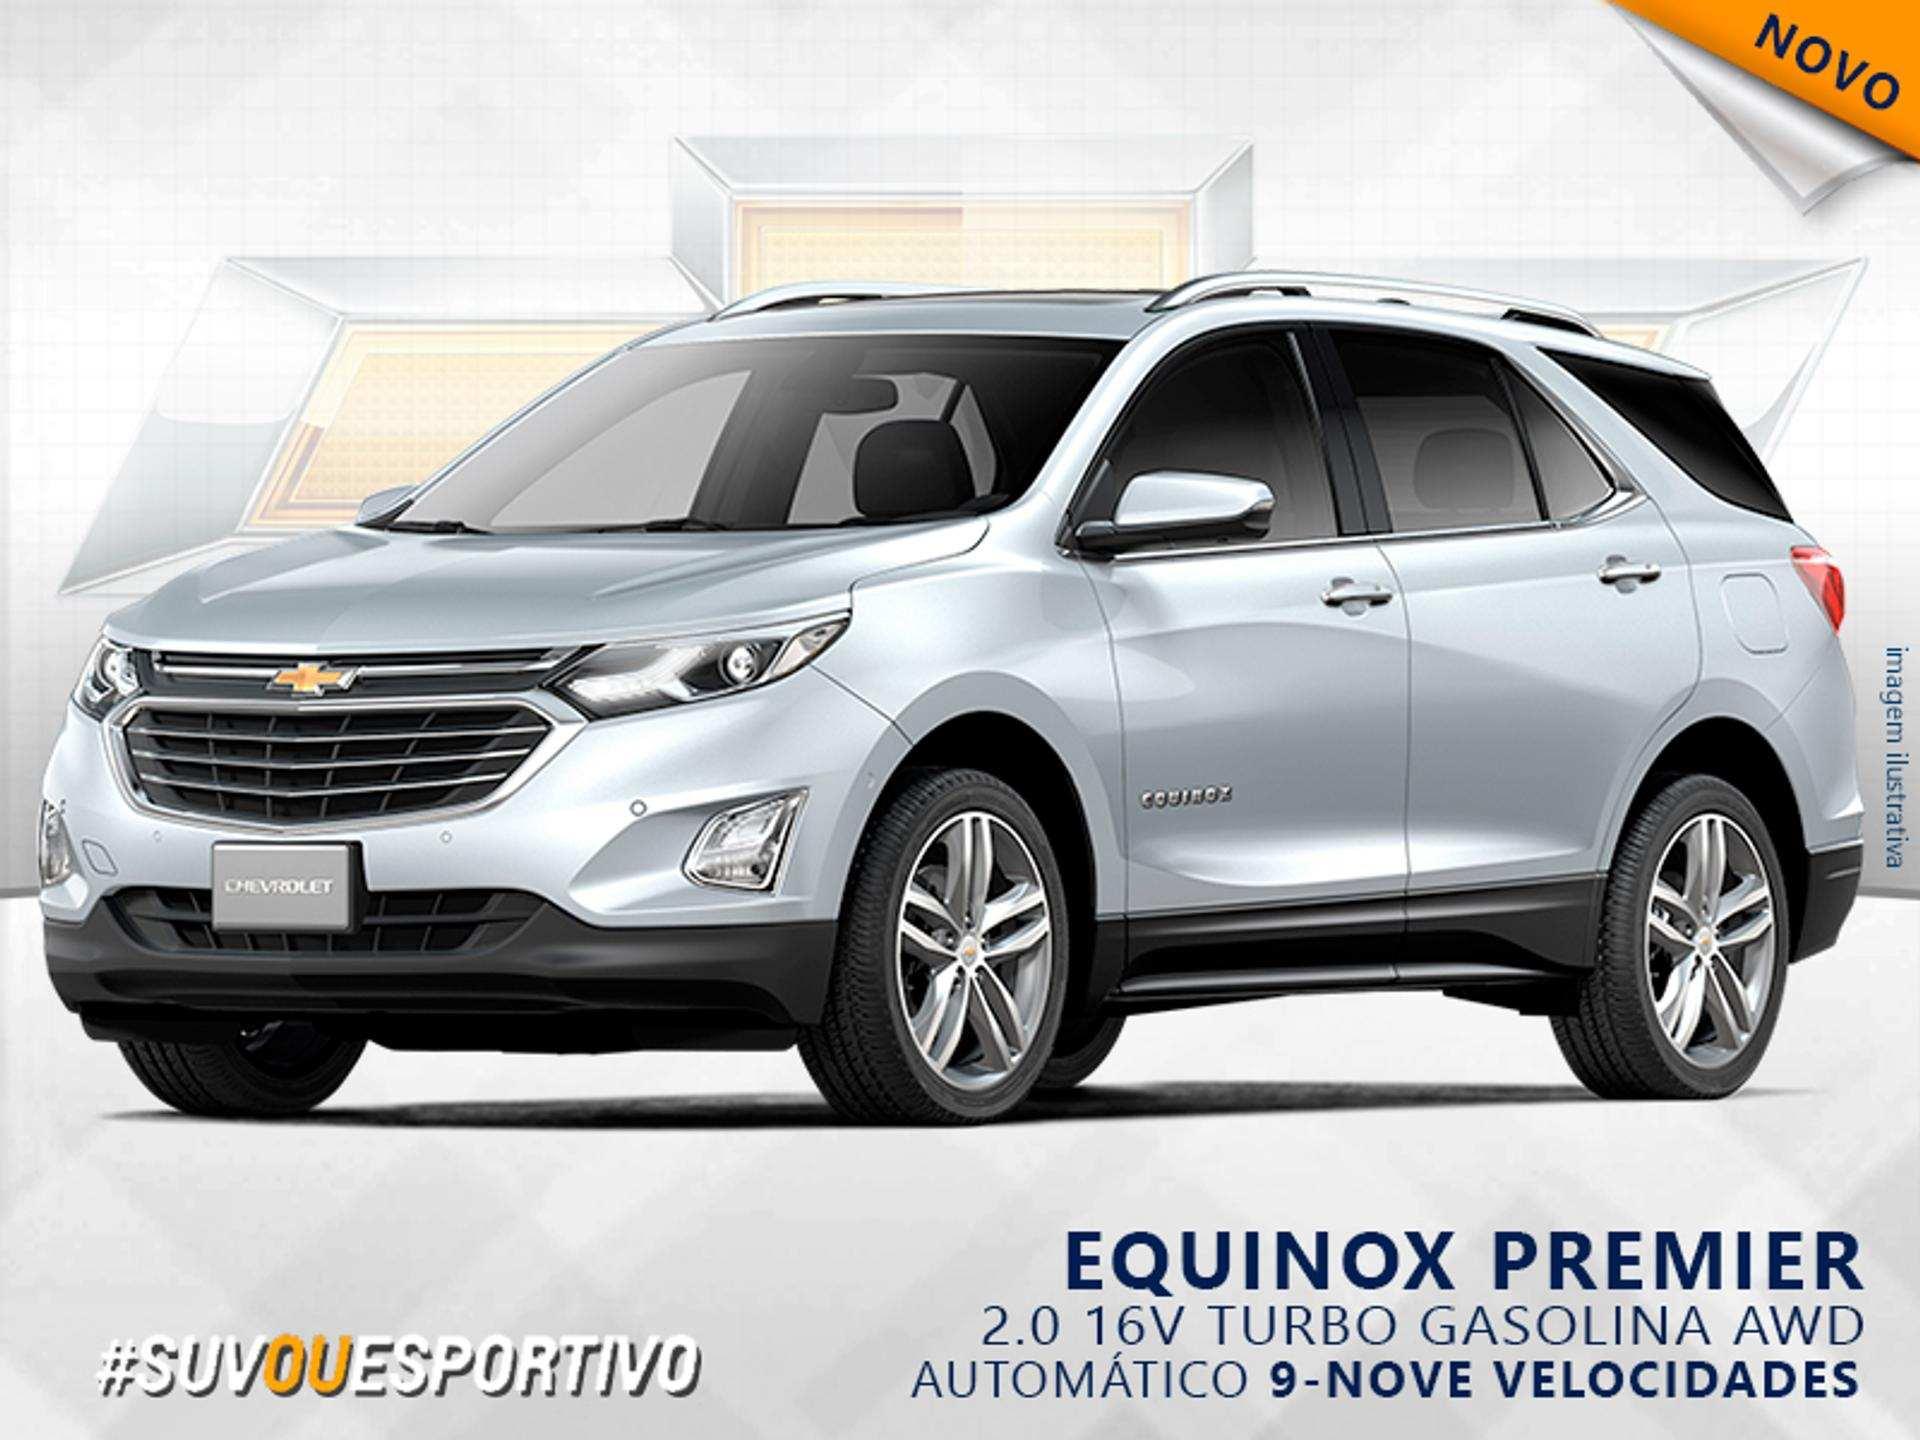 chevrolet-equinox-2.0-16v-turbo-gasolina-premier-awd-automatico-wmimagem13435888648